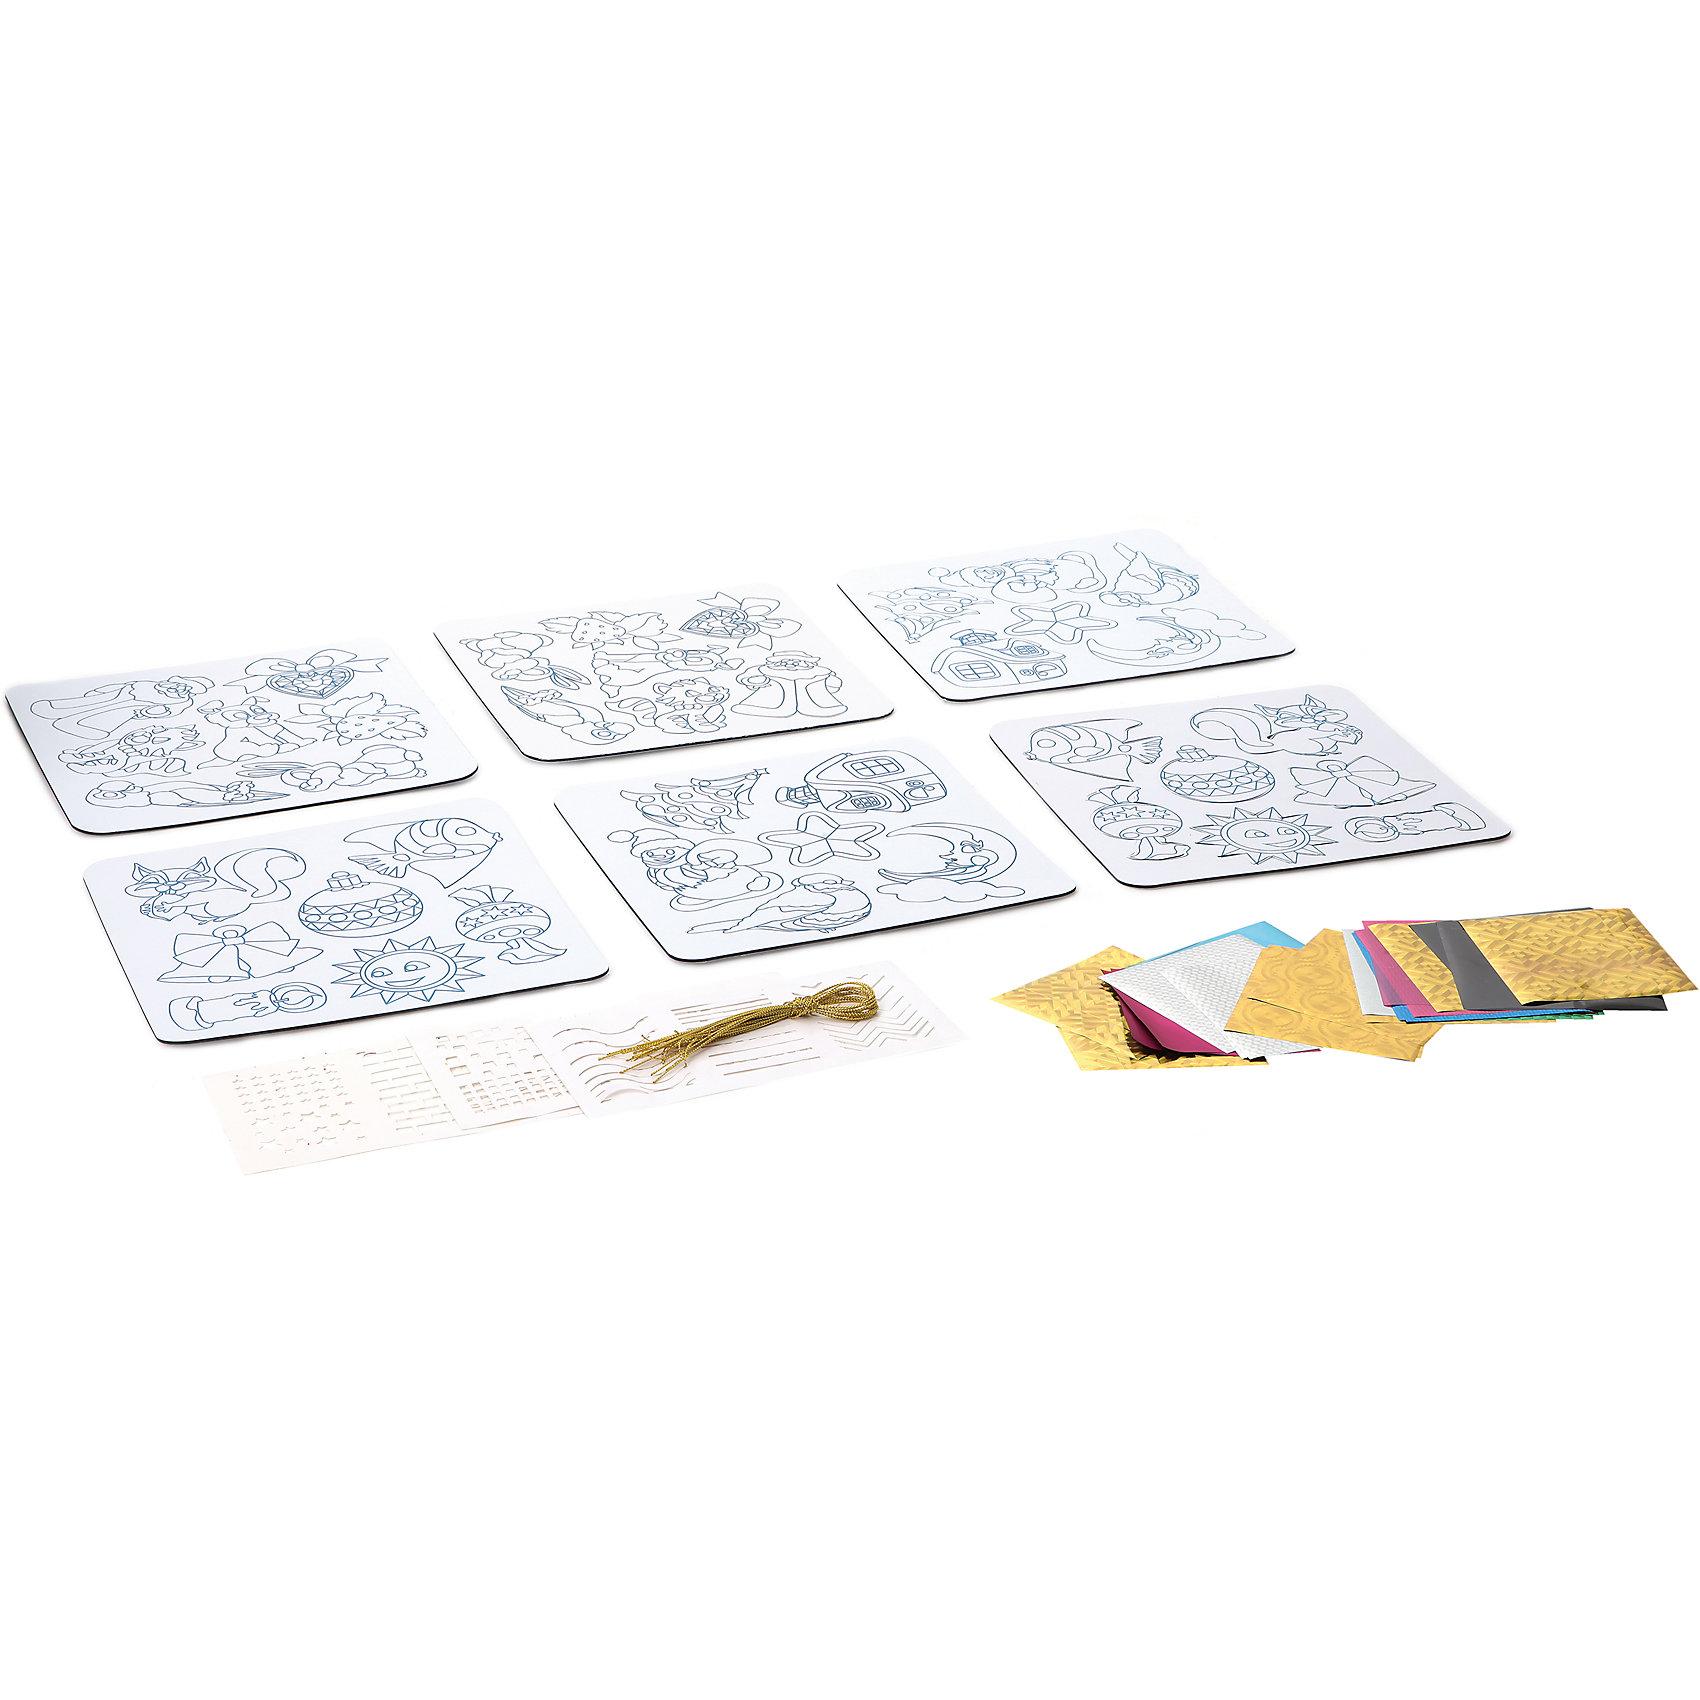 Bondibon Набор для творчества Ёлочные украшения с 3D-эффектом, Bondibon bondibon набор для творчества ёлочные украшения bondibon